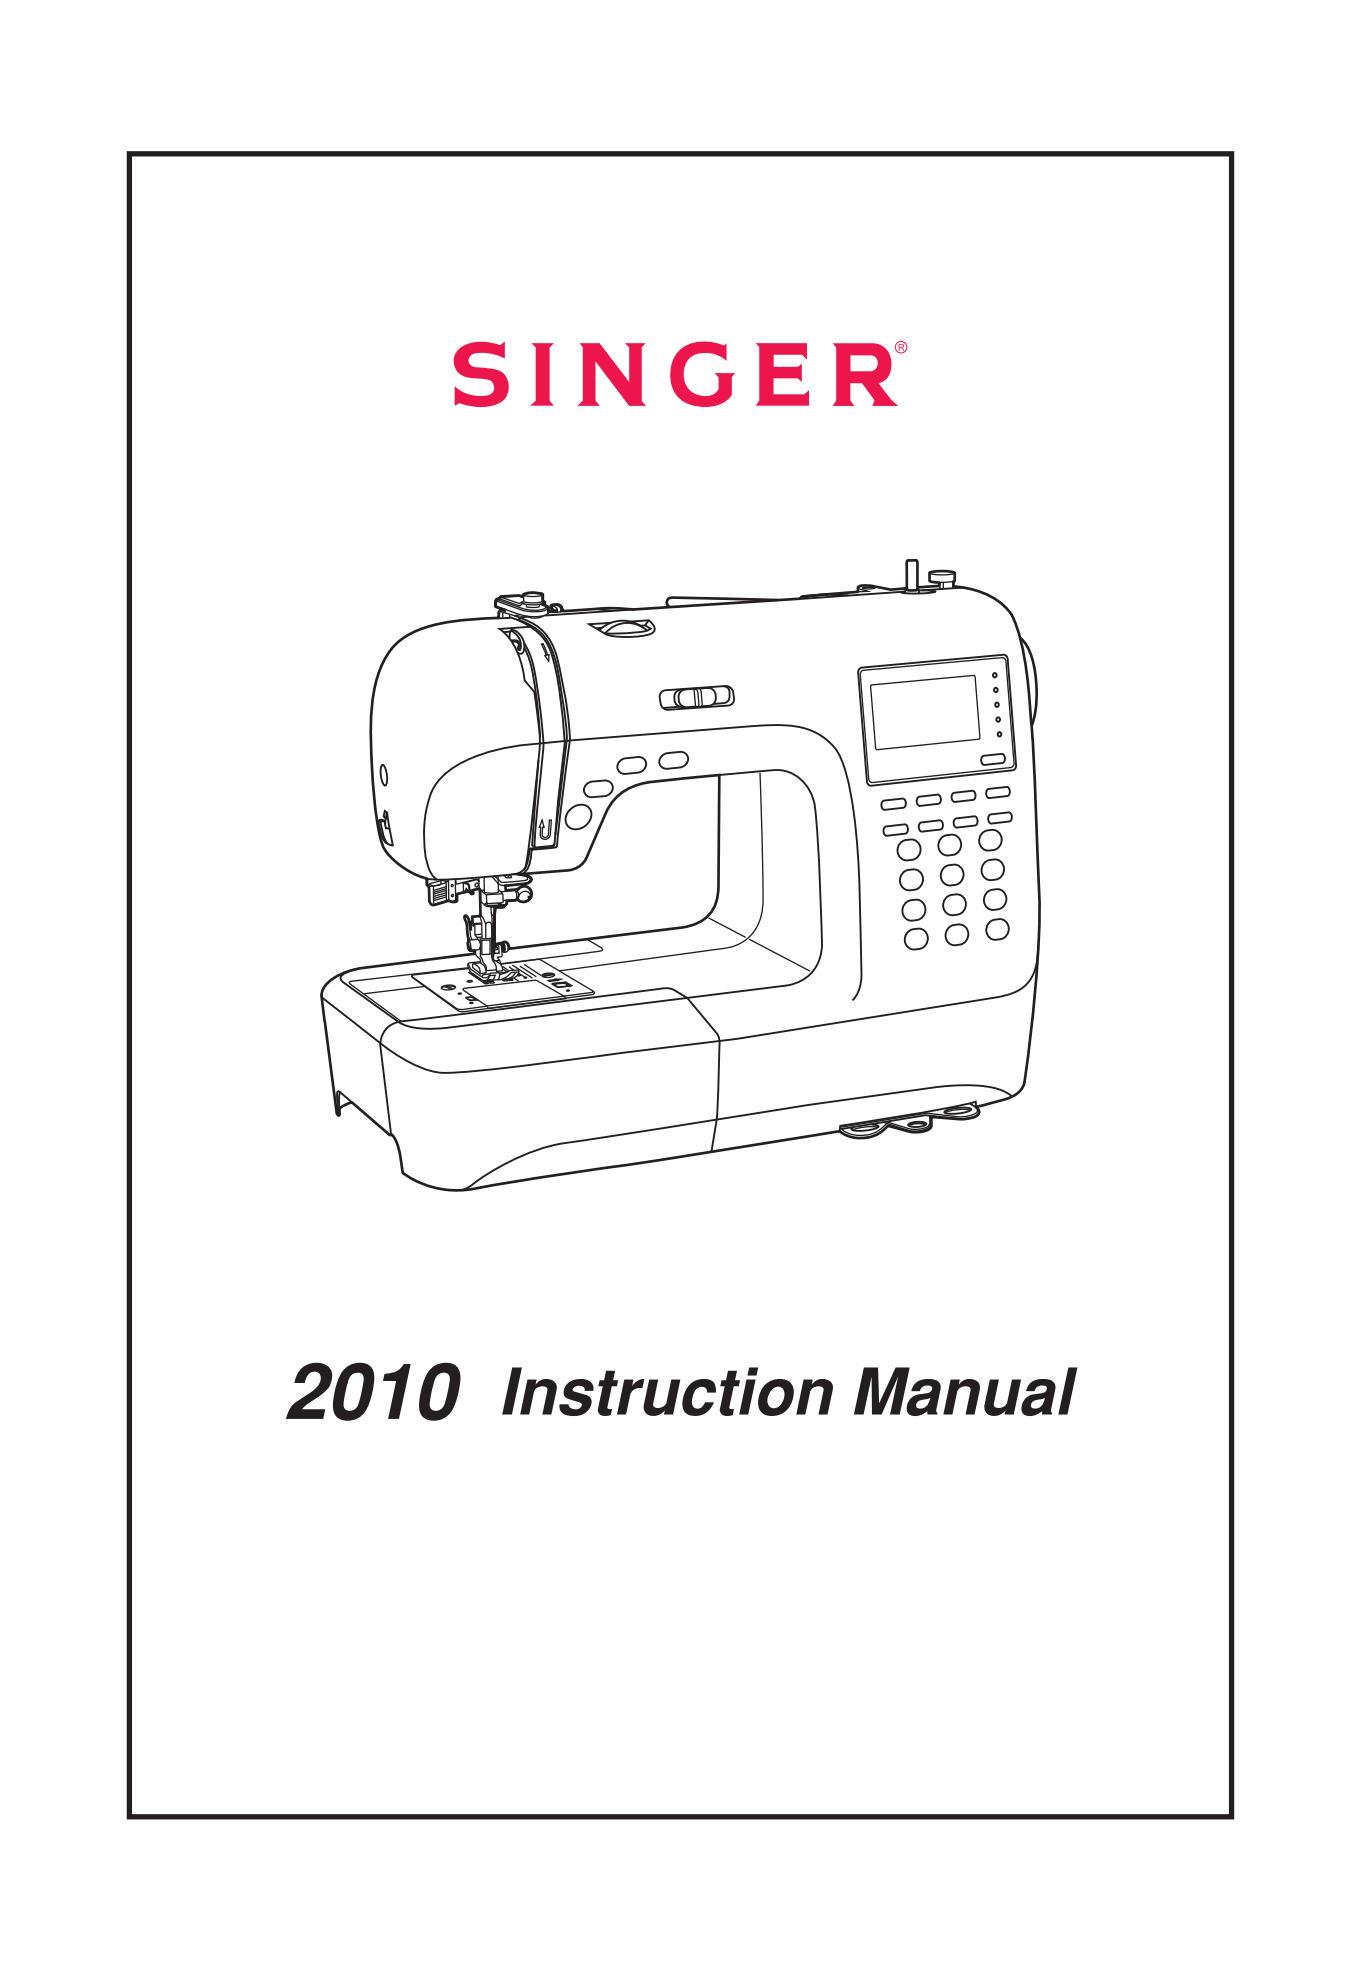 Singer New Model